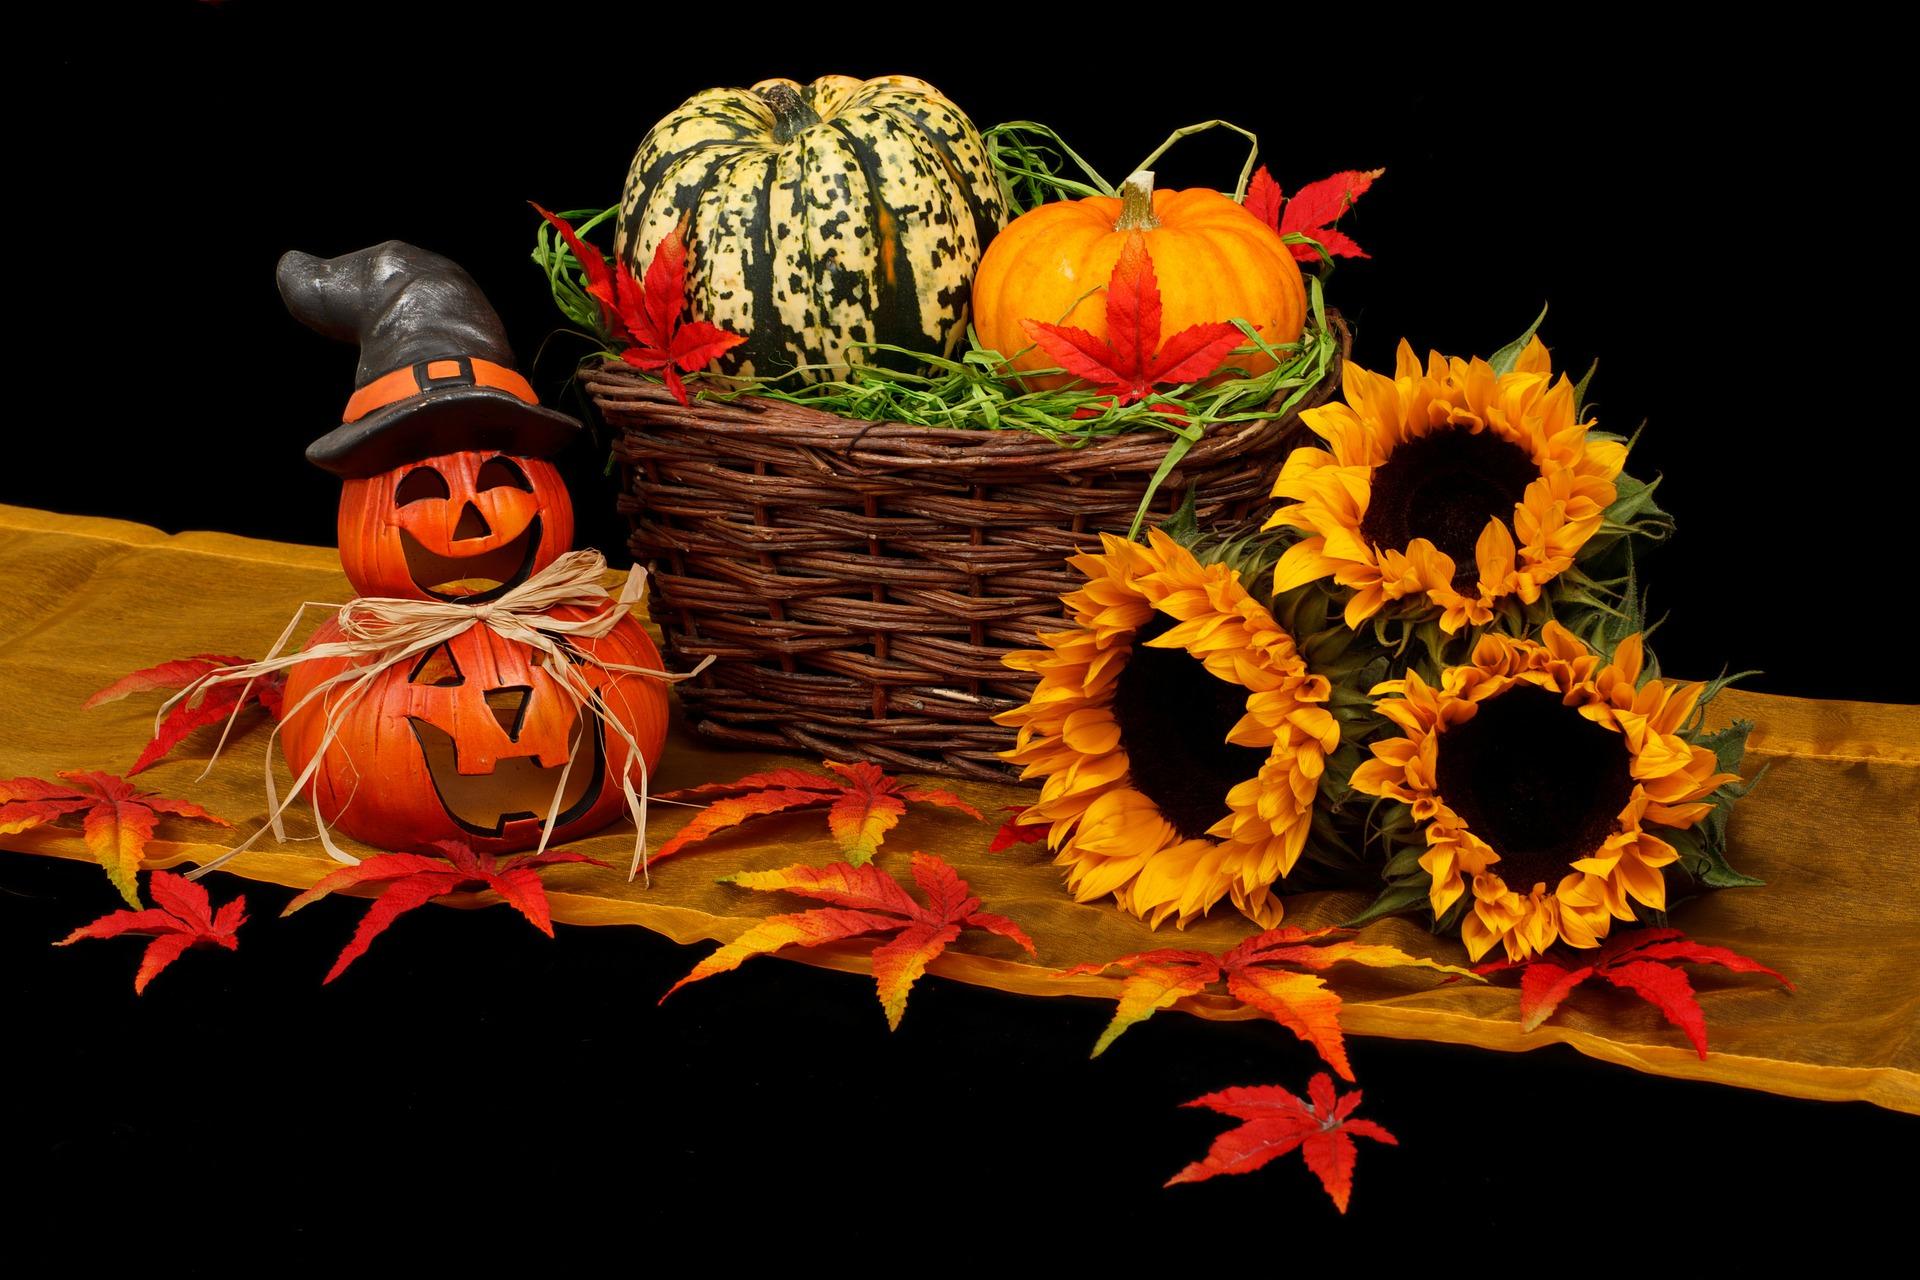 autumn-20461_1920